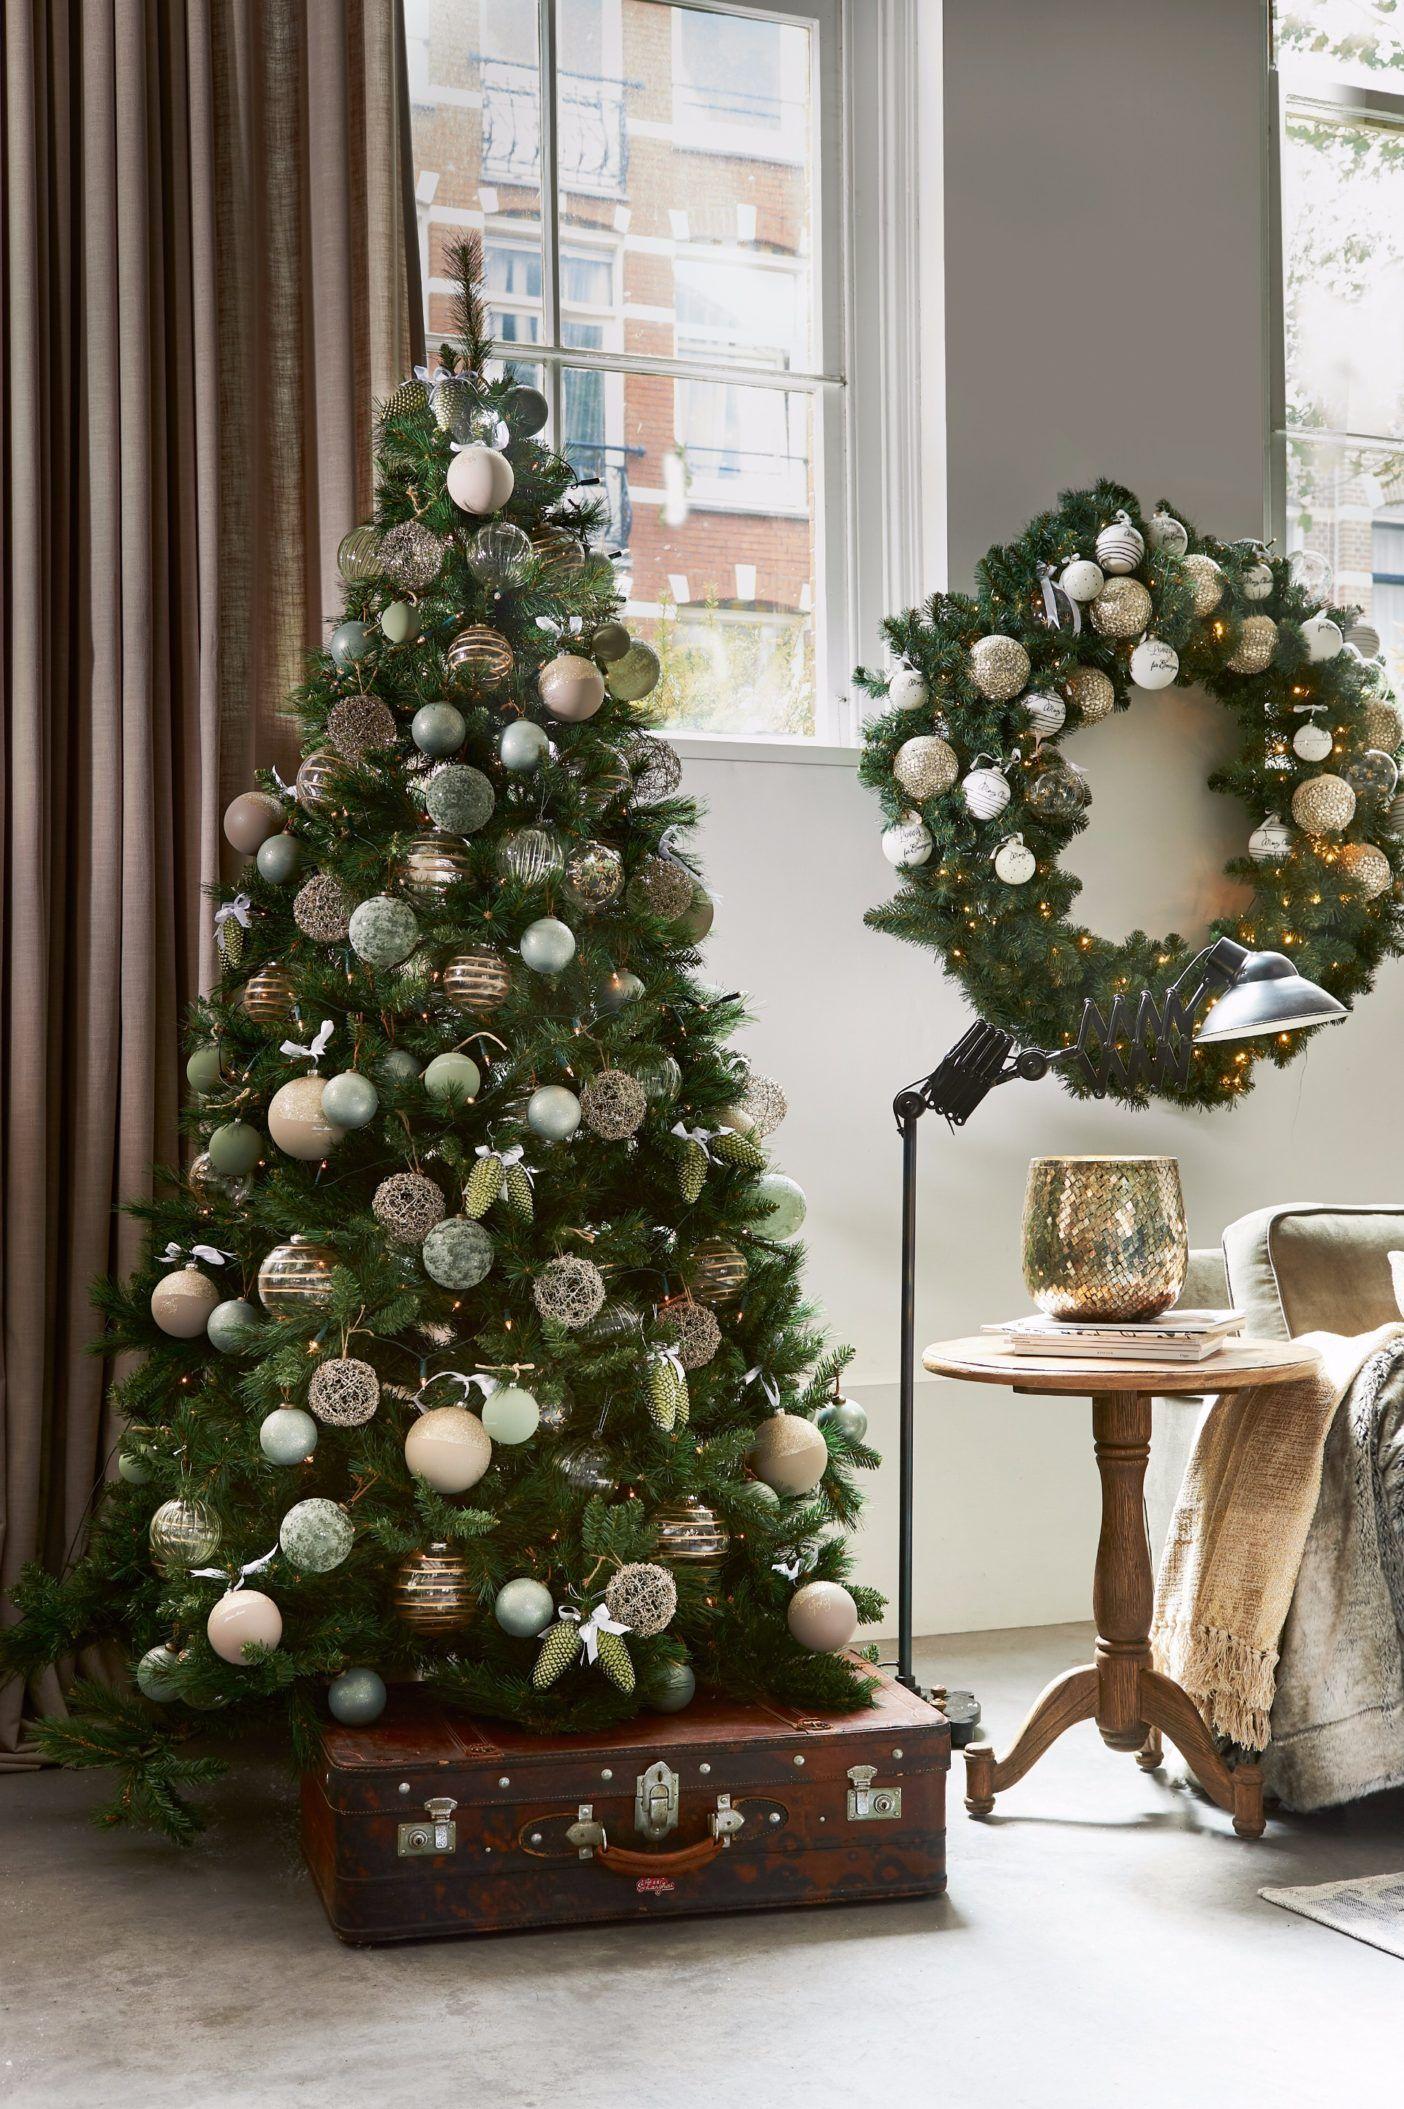 Riviera Maison Landelijke Luxe Kerstcollectie Kerst Landelijke Kerstbomen Versierde Kerstbomen